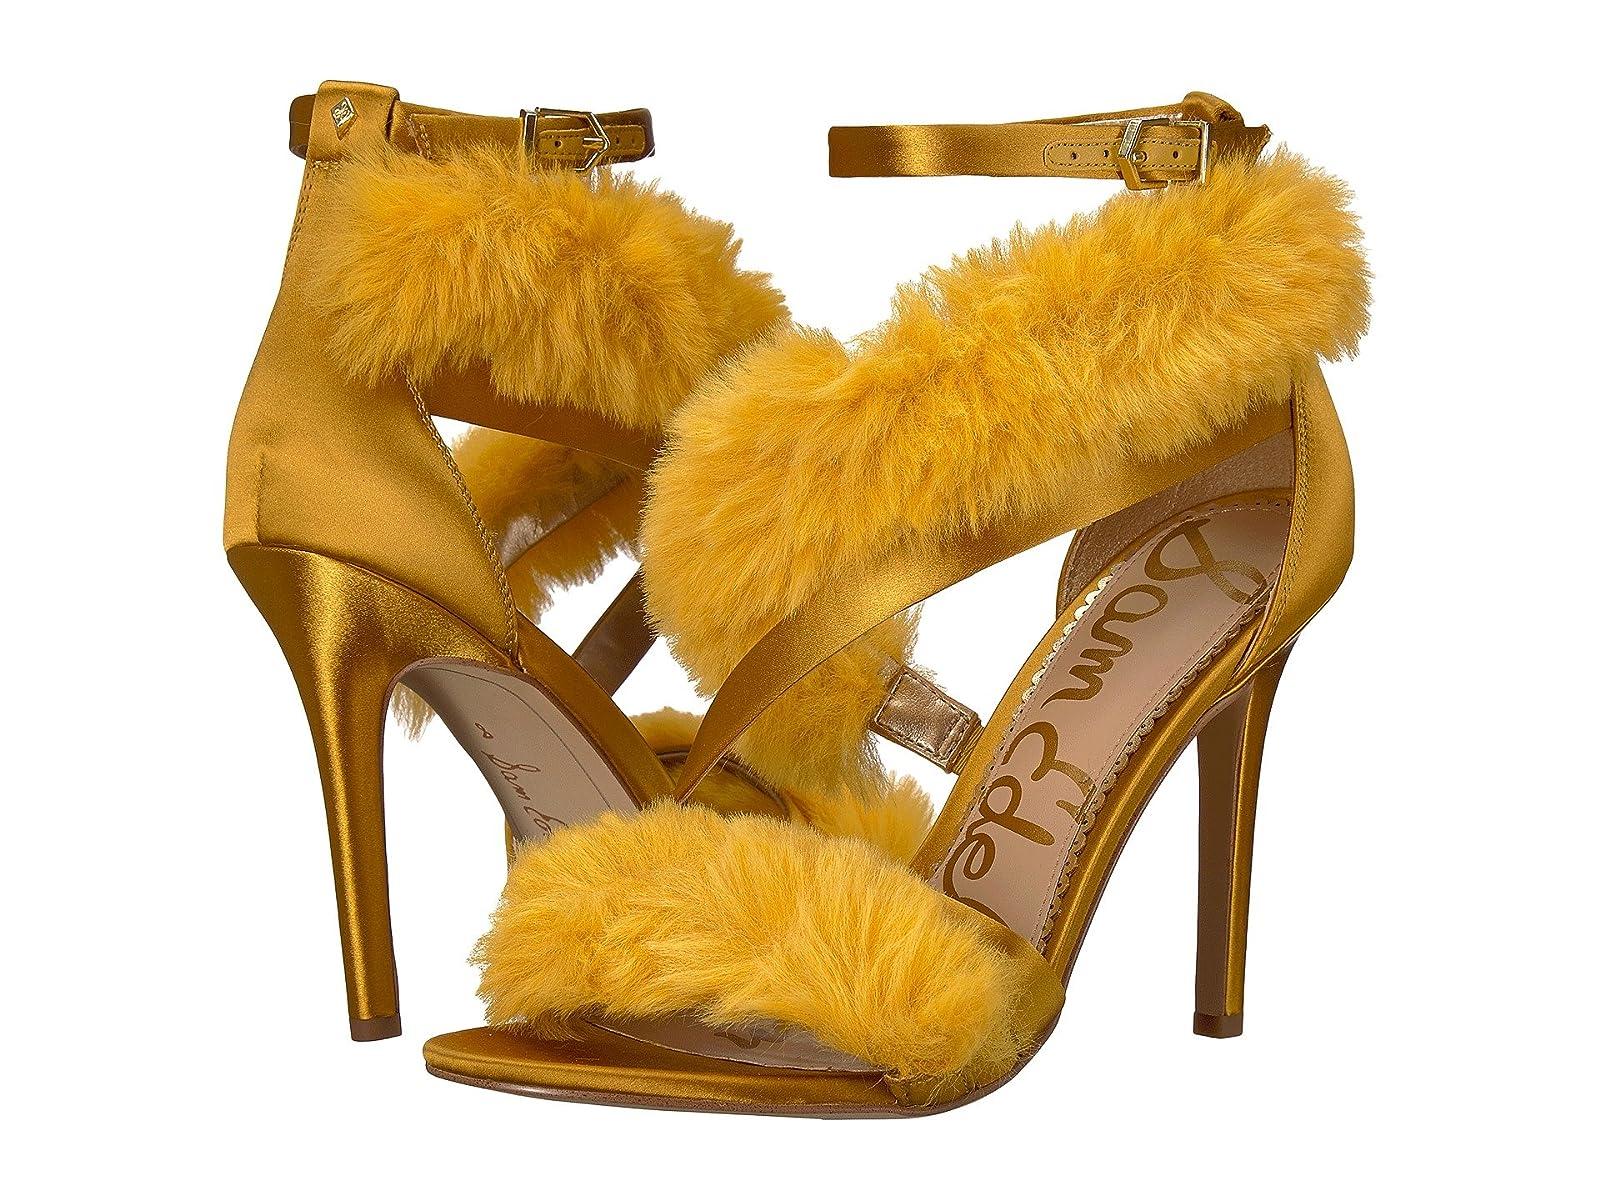 Sam Edelman AdelleAtmospheric grades have affordable shoes